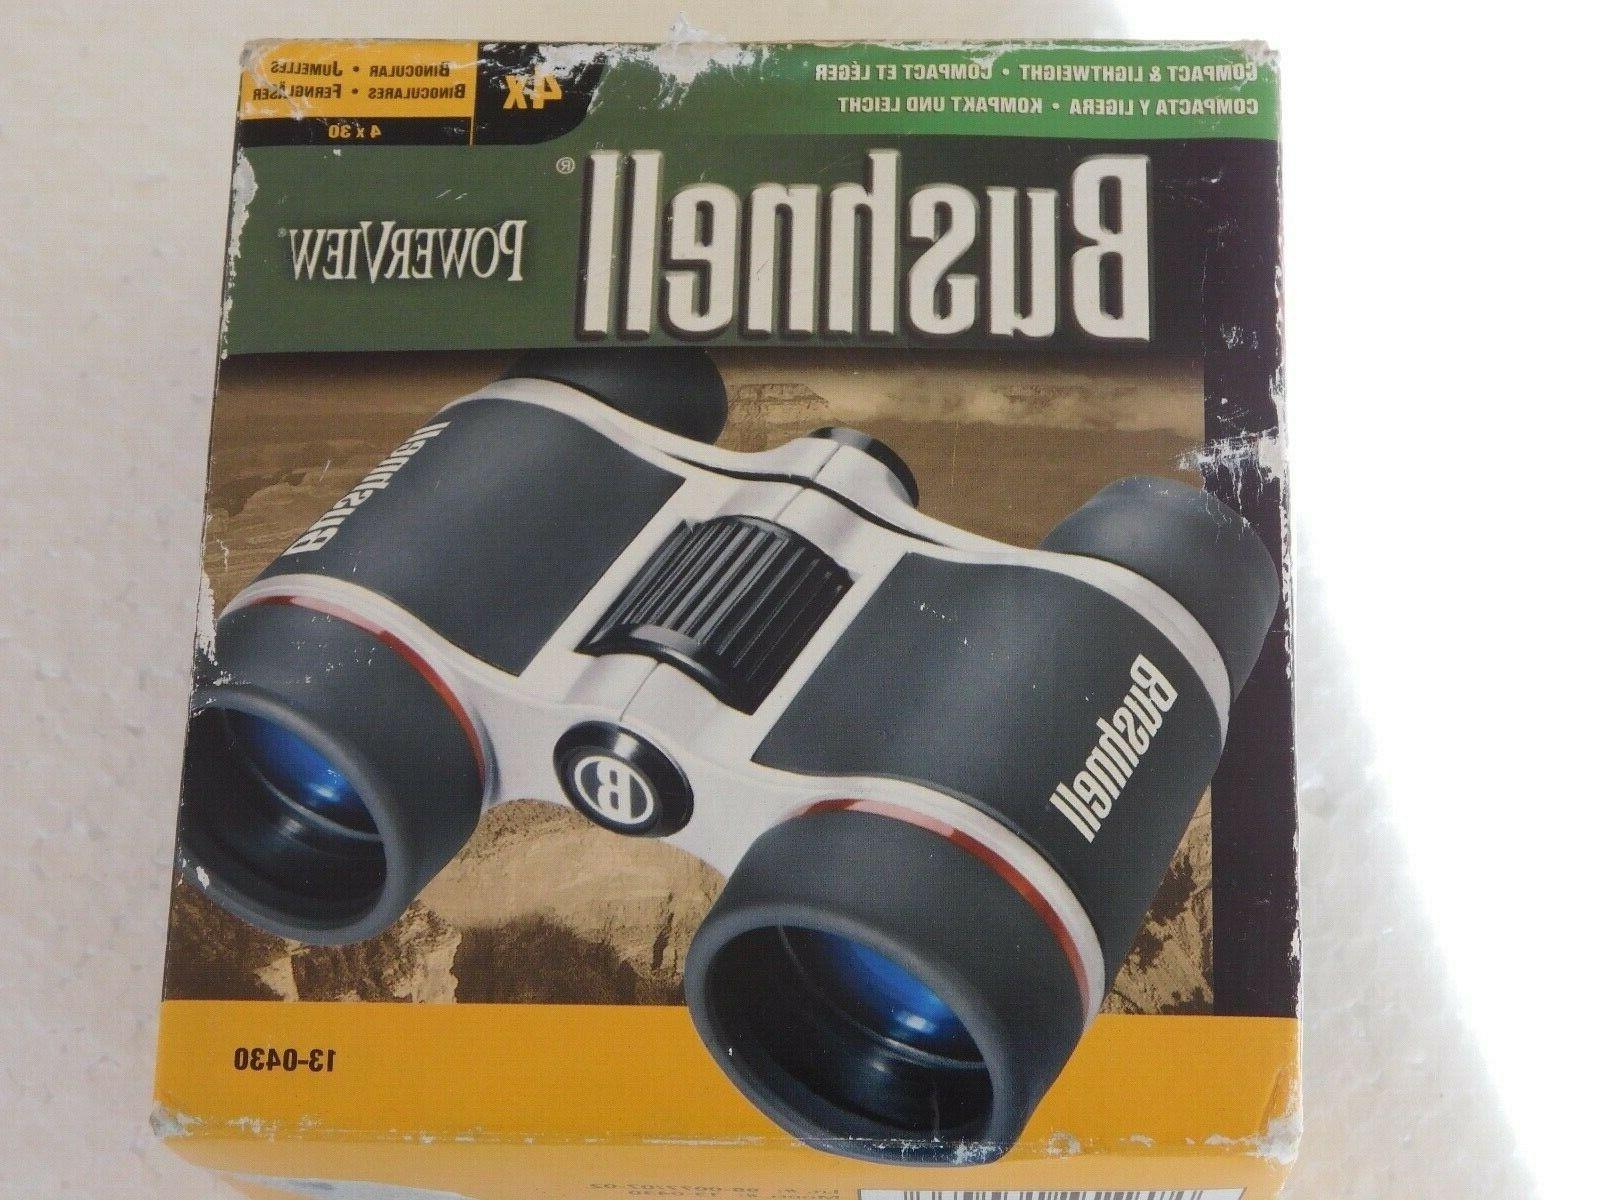 jumelles powerview binoculars compact lightweight 4 x